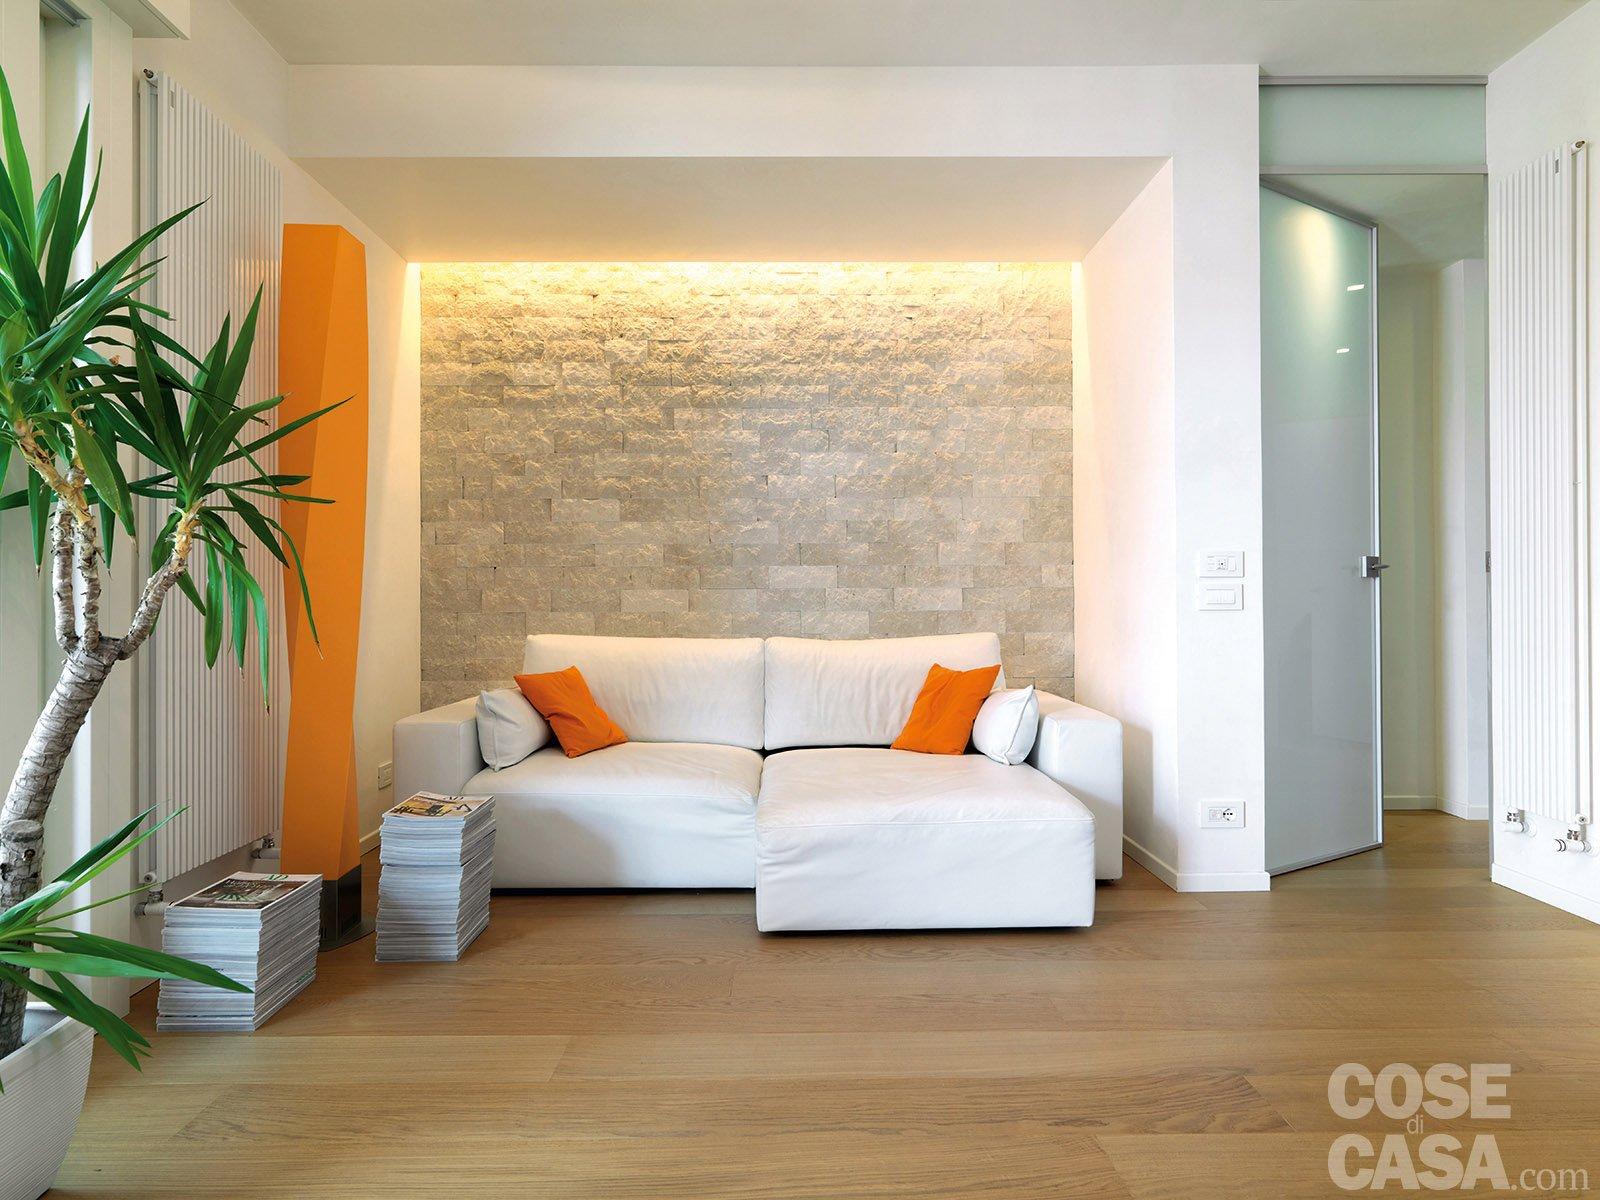 Casabook Immobiliare: Una casa con ambienti ridisegnati